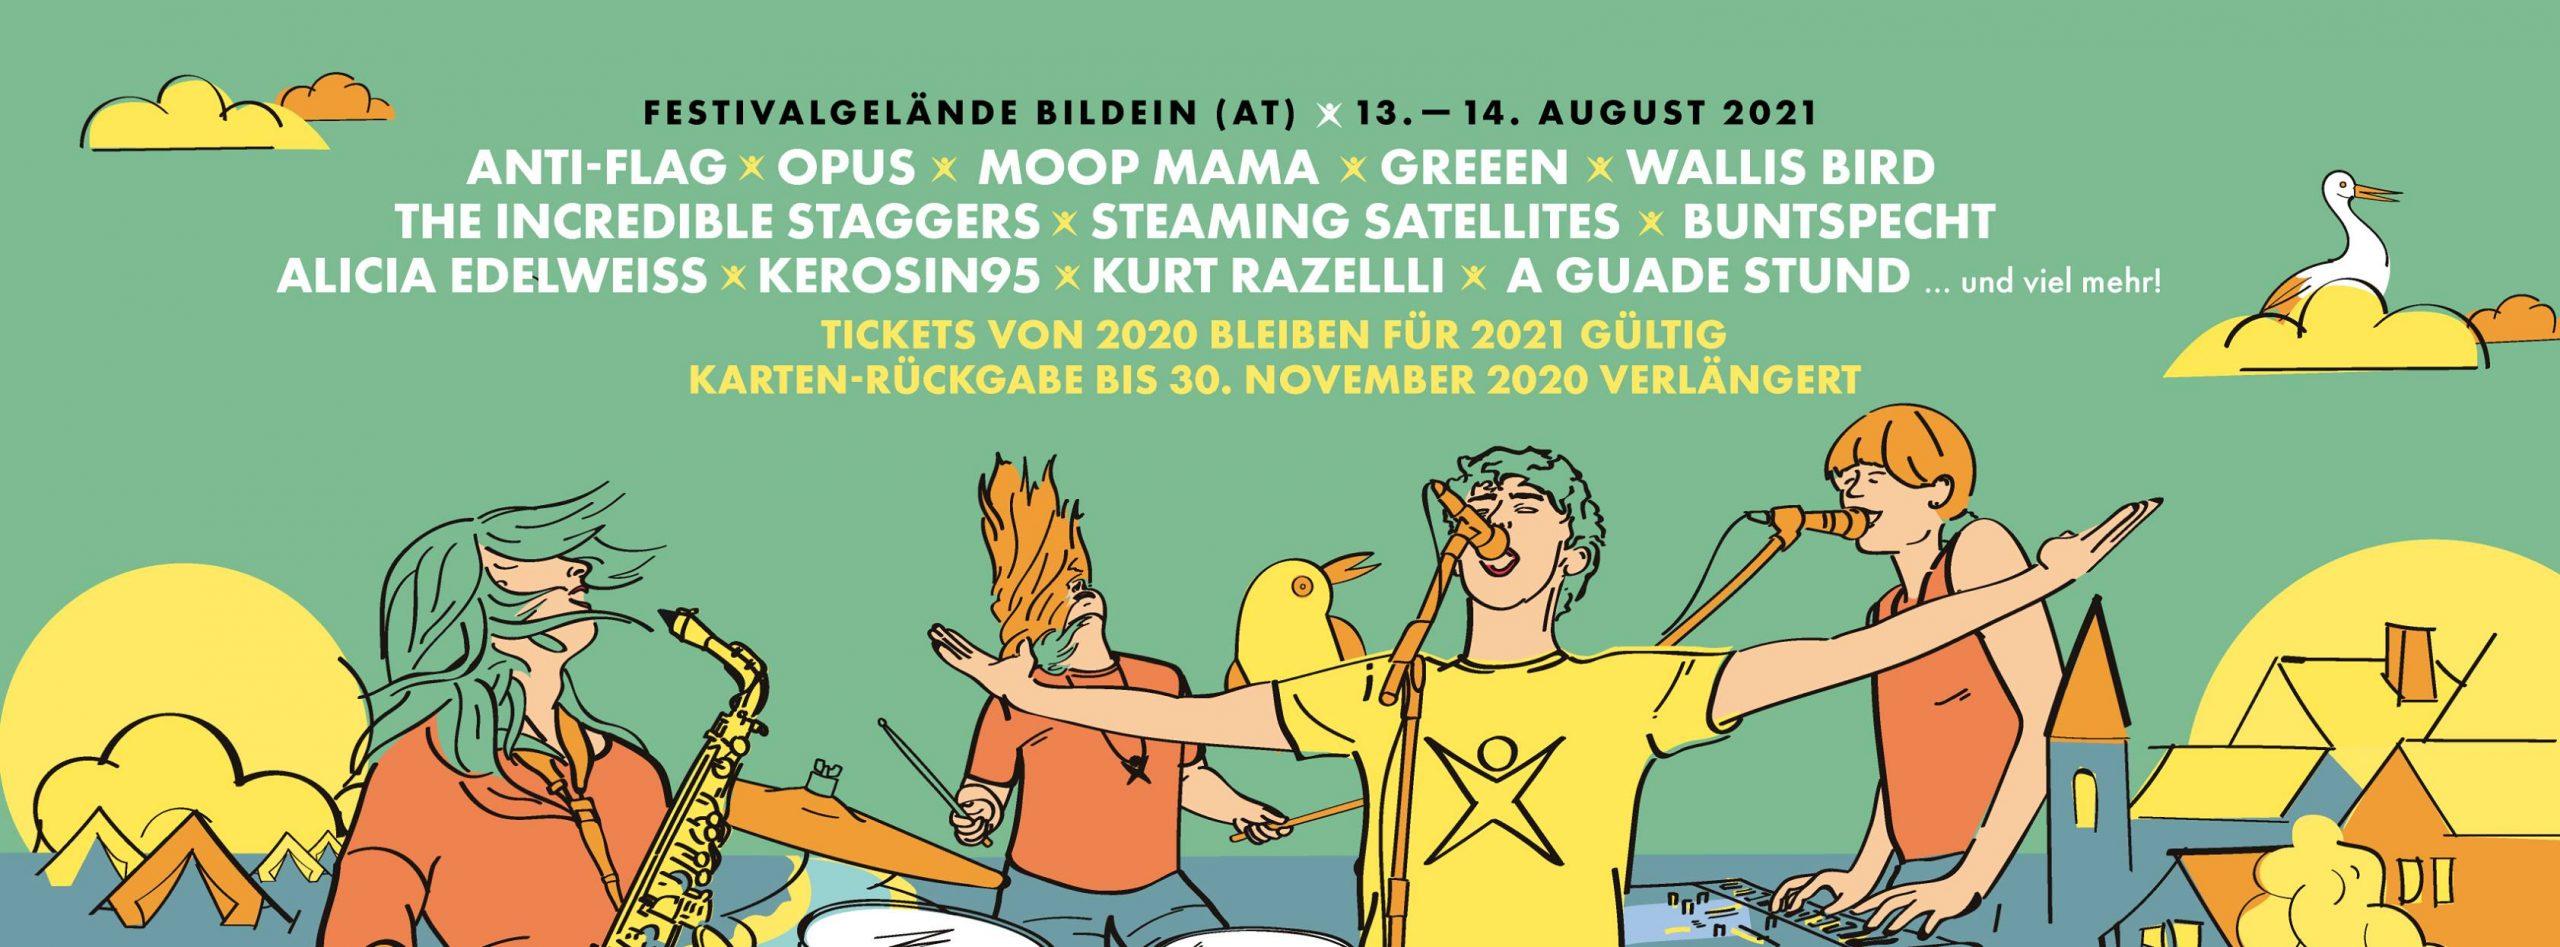 Picture On Festival 2021 am 13. August 2021 @ Open Air Festivalgelände Bildein.